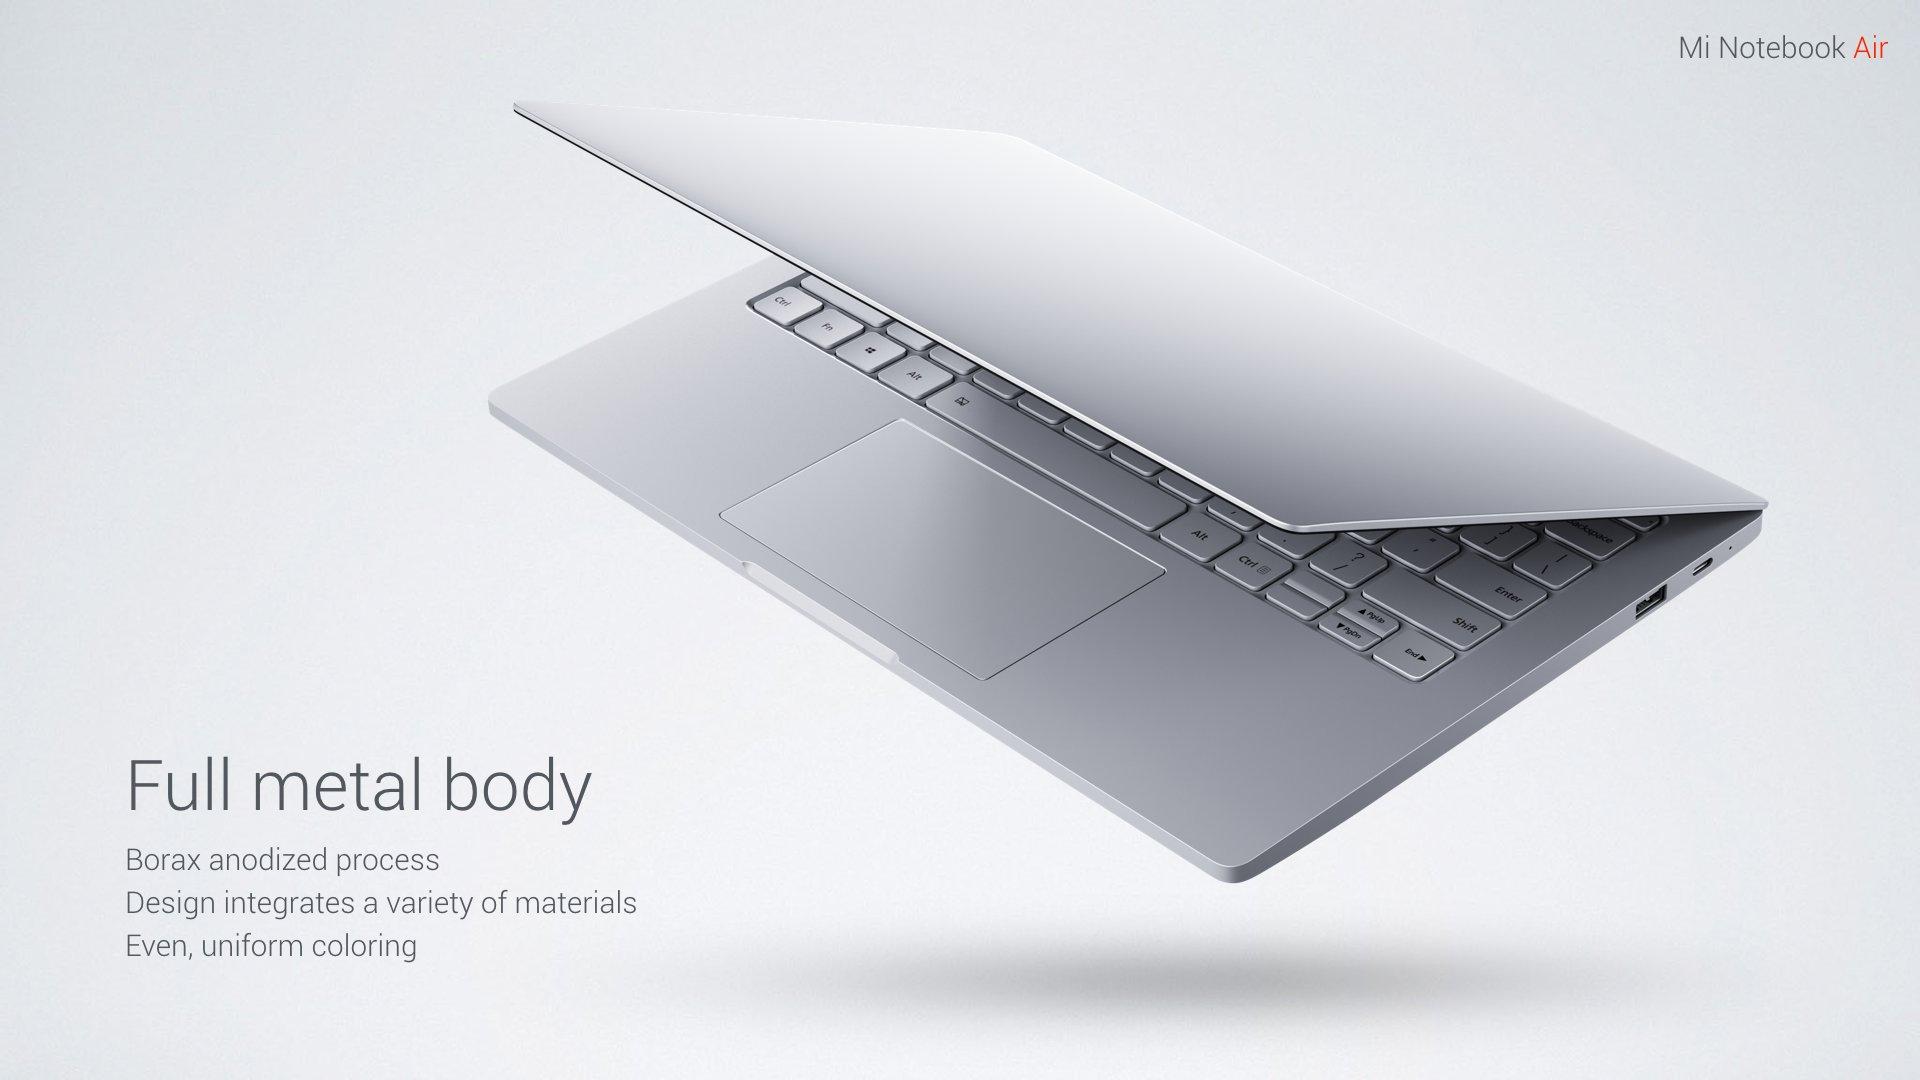 Llega el Mi Notebook Air